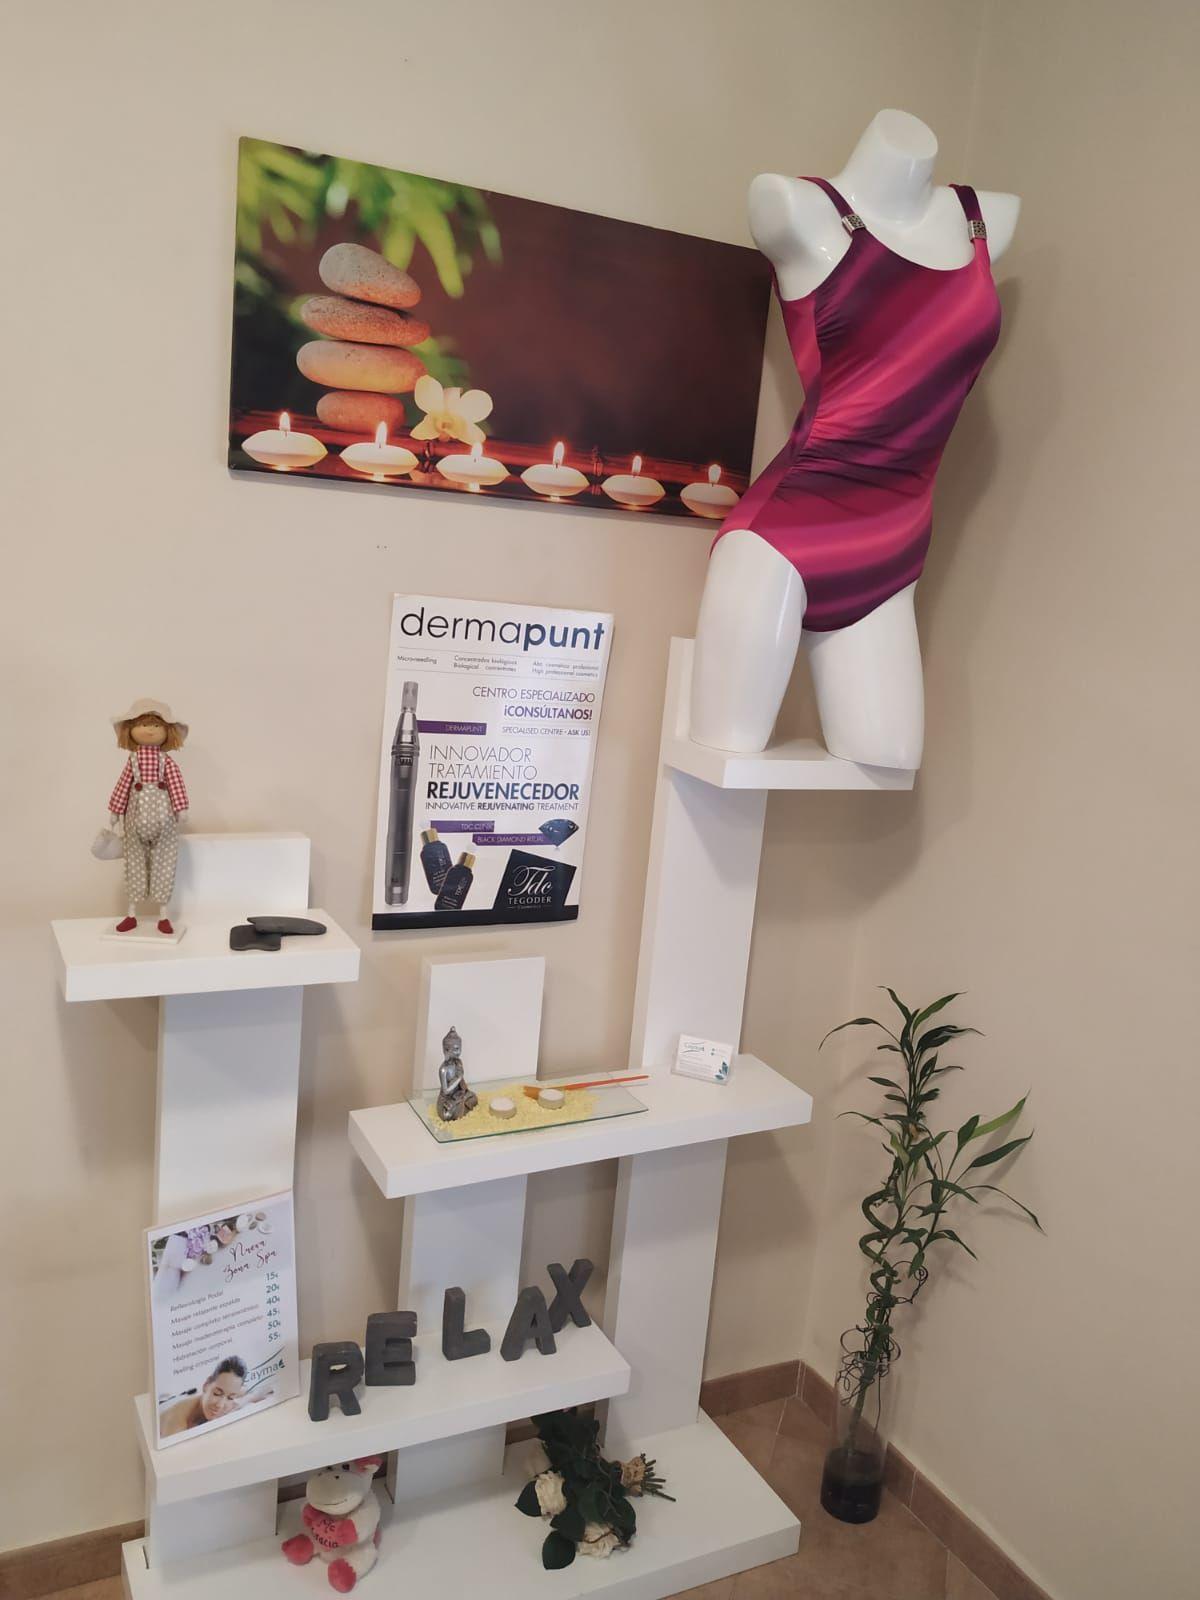 Foto 58 de Centro de bienestar y salud en Antequera | Centro Bienestar y Salud Cayma